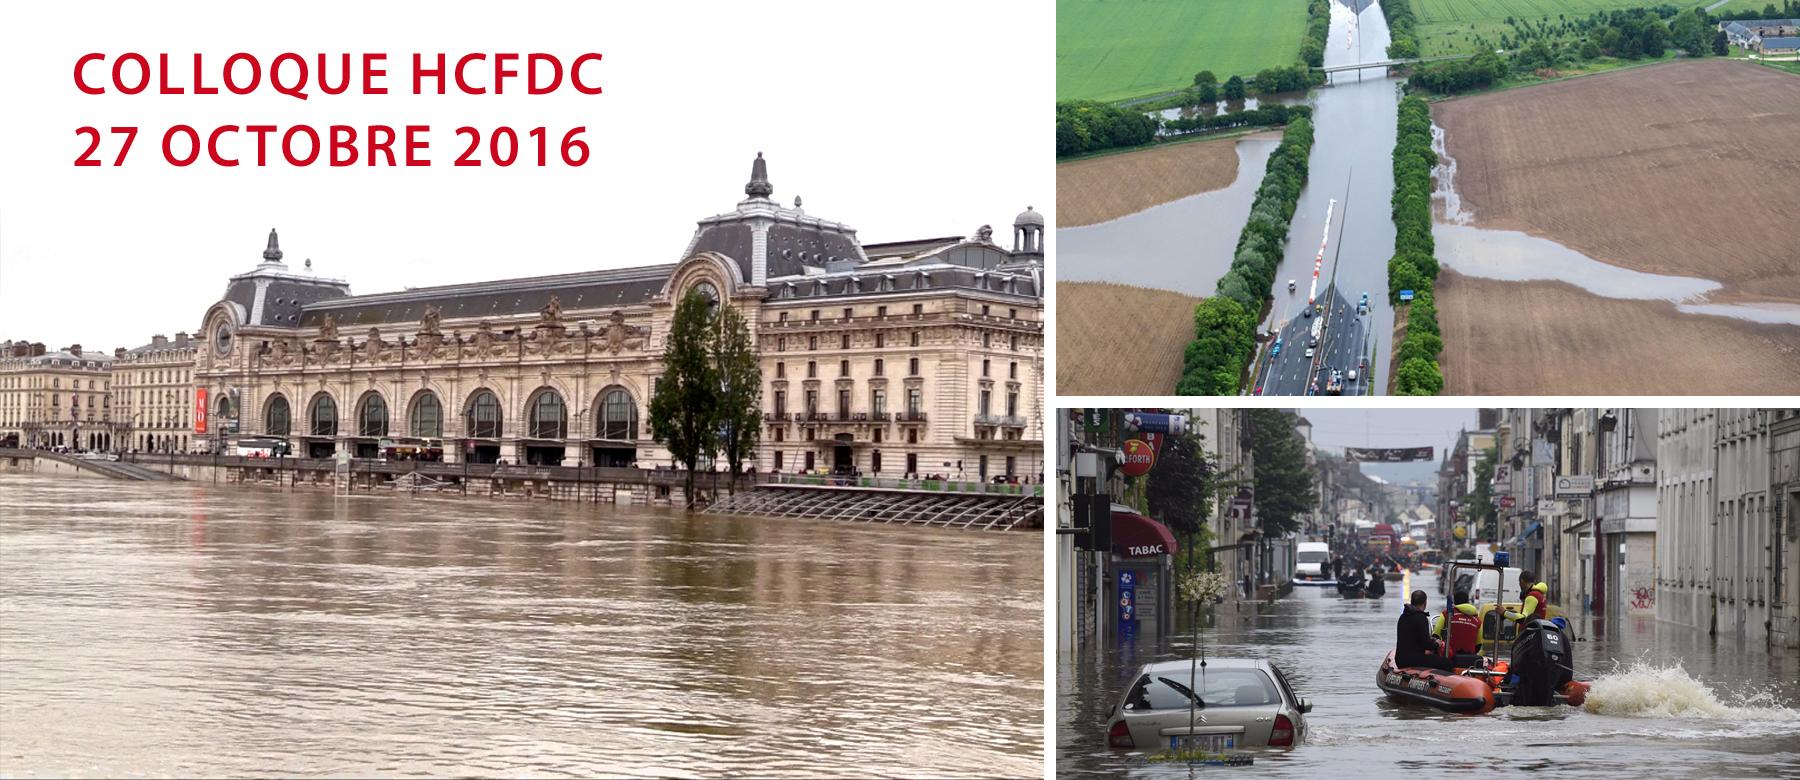 Colloque HCFDC, le 27 octobre 2016 dans les locaux de la Fédération française de l'Assurance.